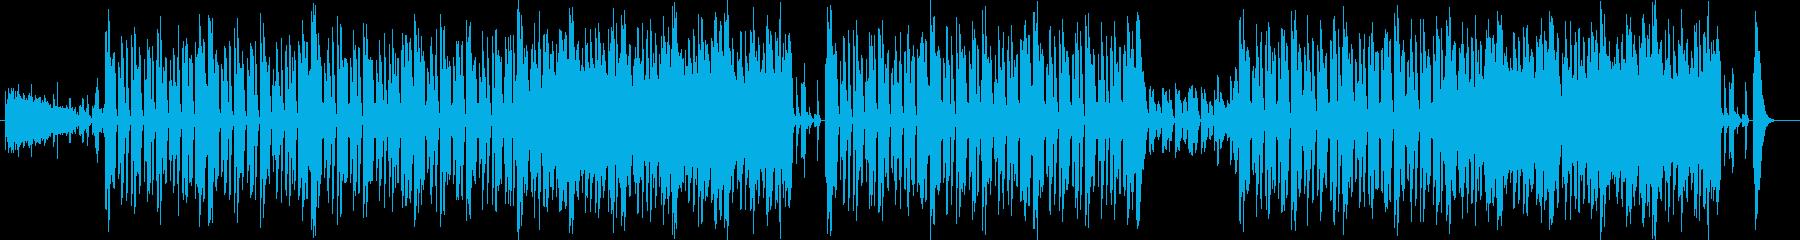 緊張感シンセ・ピアノなどのサウンドの再生済みの波形